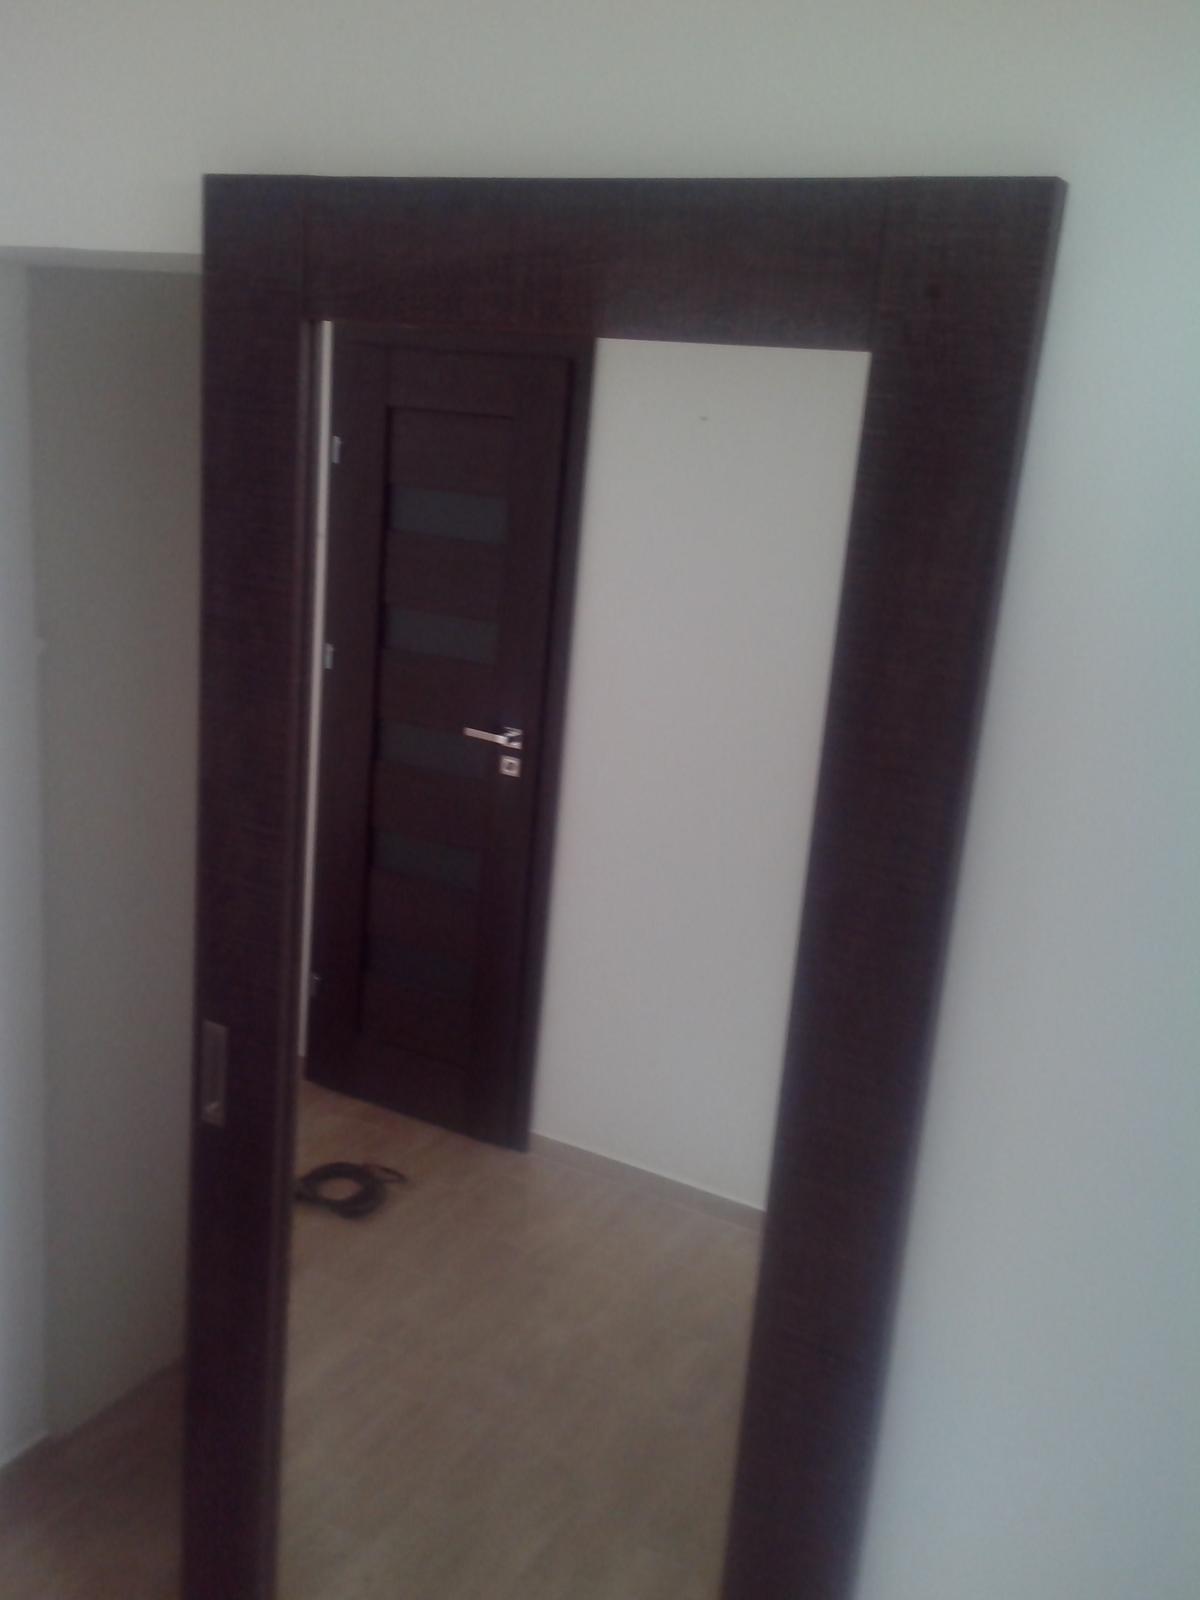 Interiérové posuvné dvere - Posuvné dvere s neviditeľnou mechanikou - Maghreb